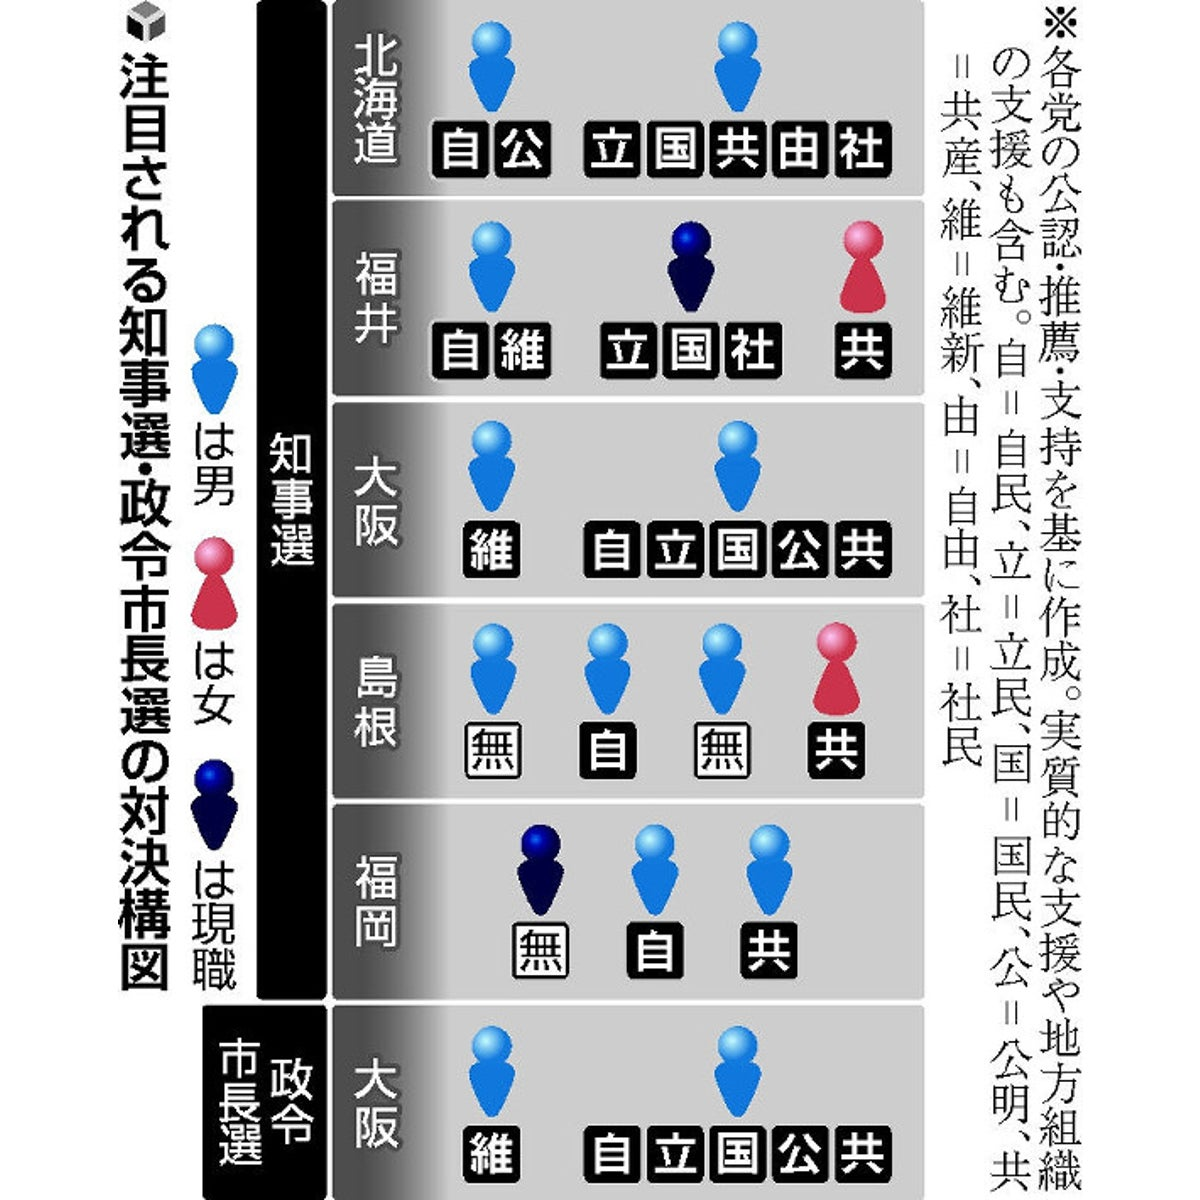 鹿児島県知事選挙情勢